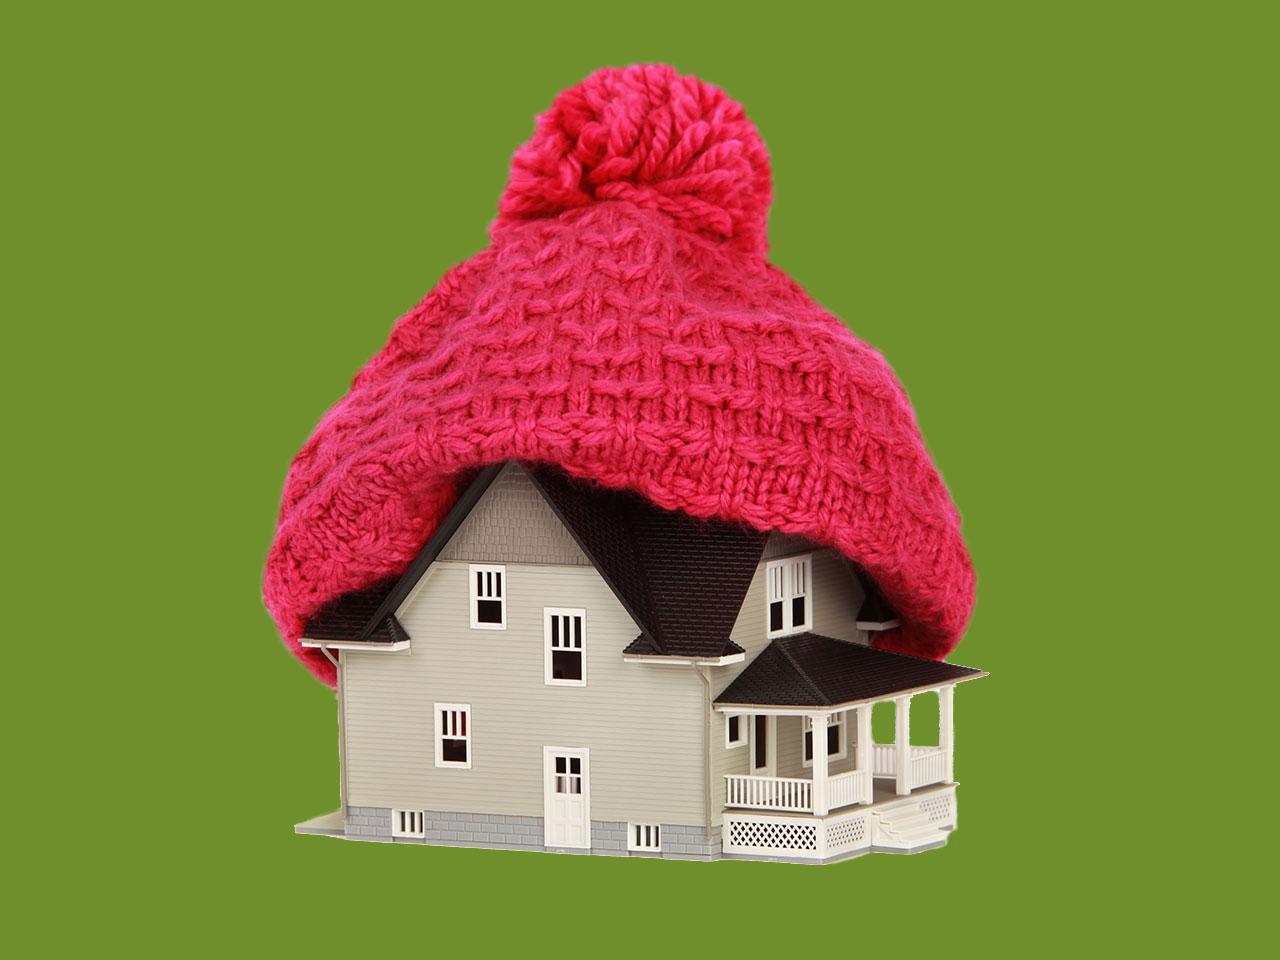 pr parer son logement pour l hiver quelques conseils. Black Bedroom Furniture Sets. Home Design Ideas